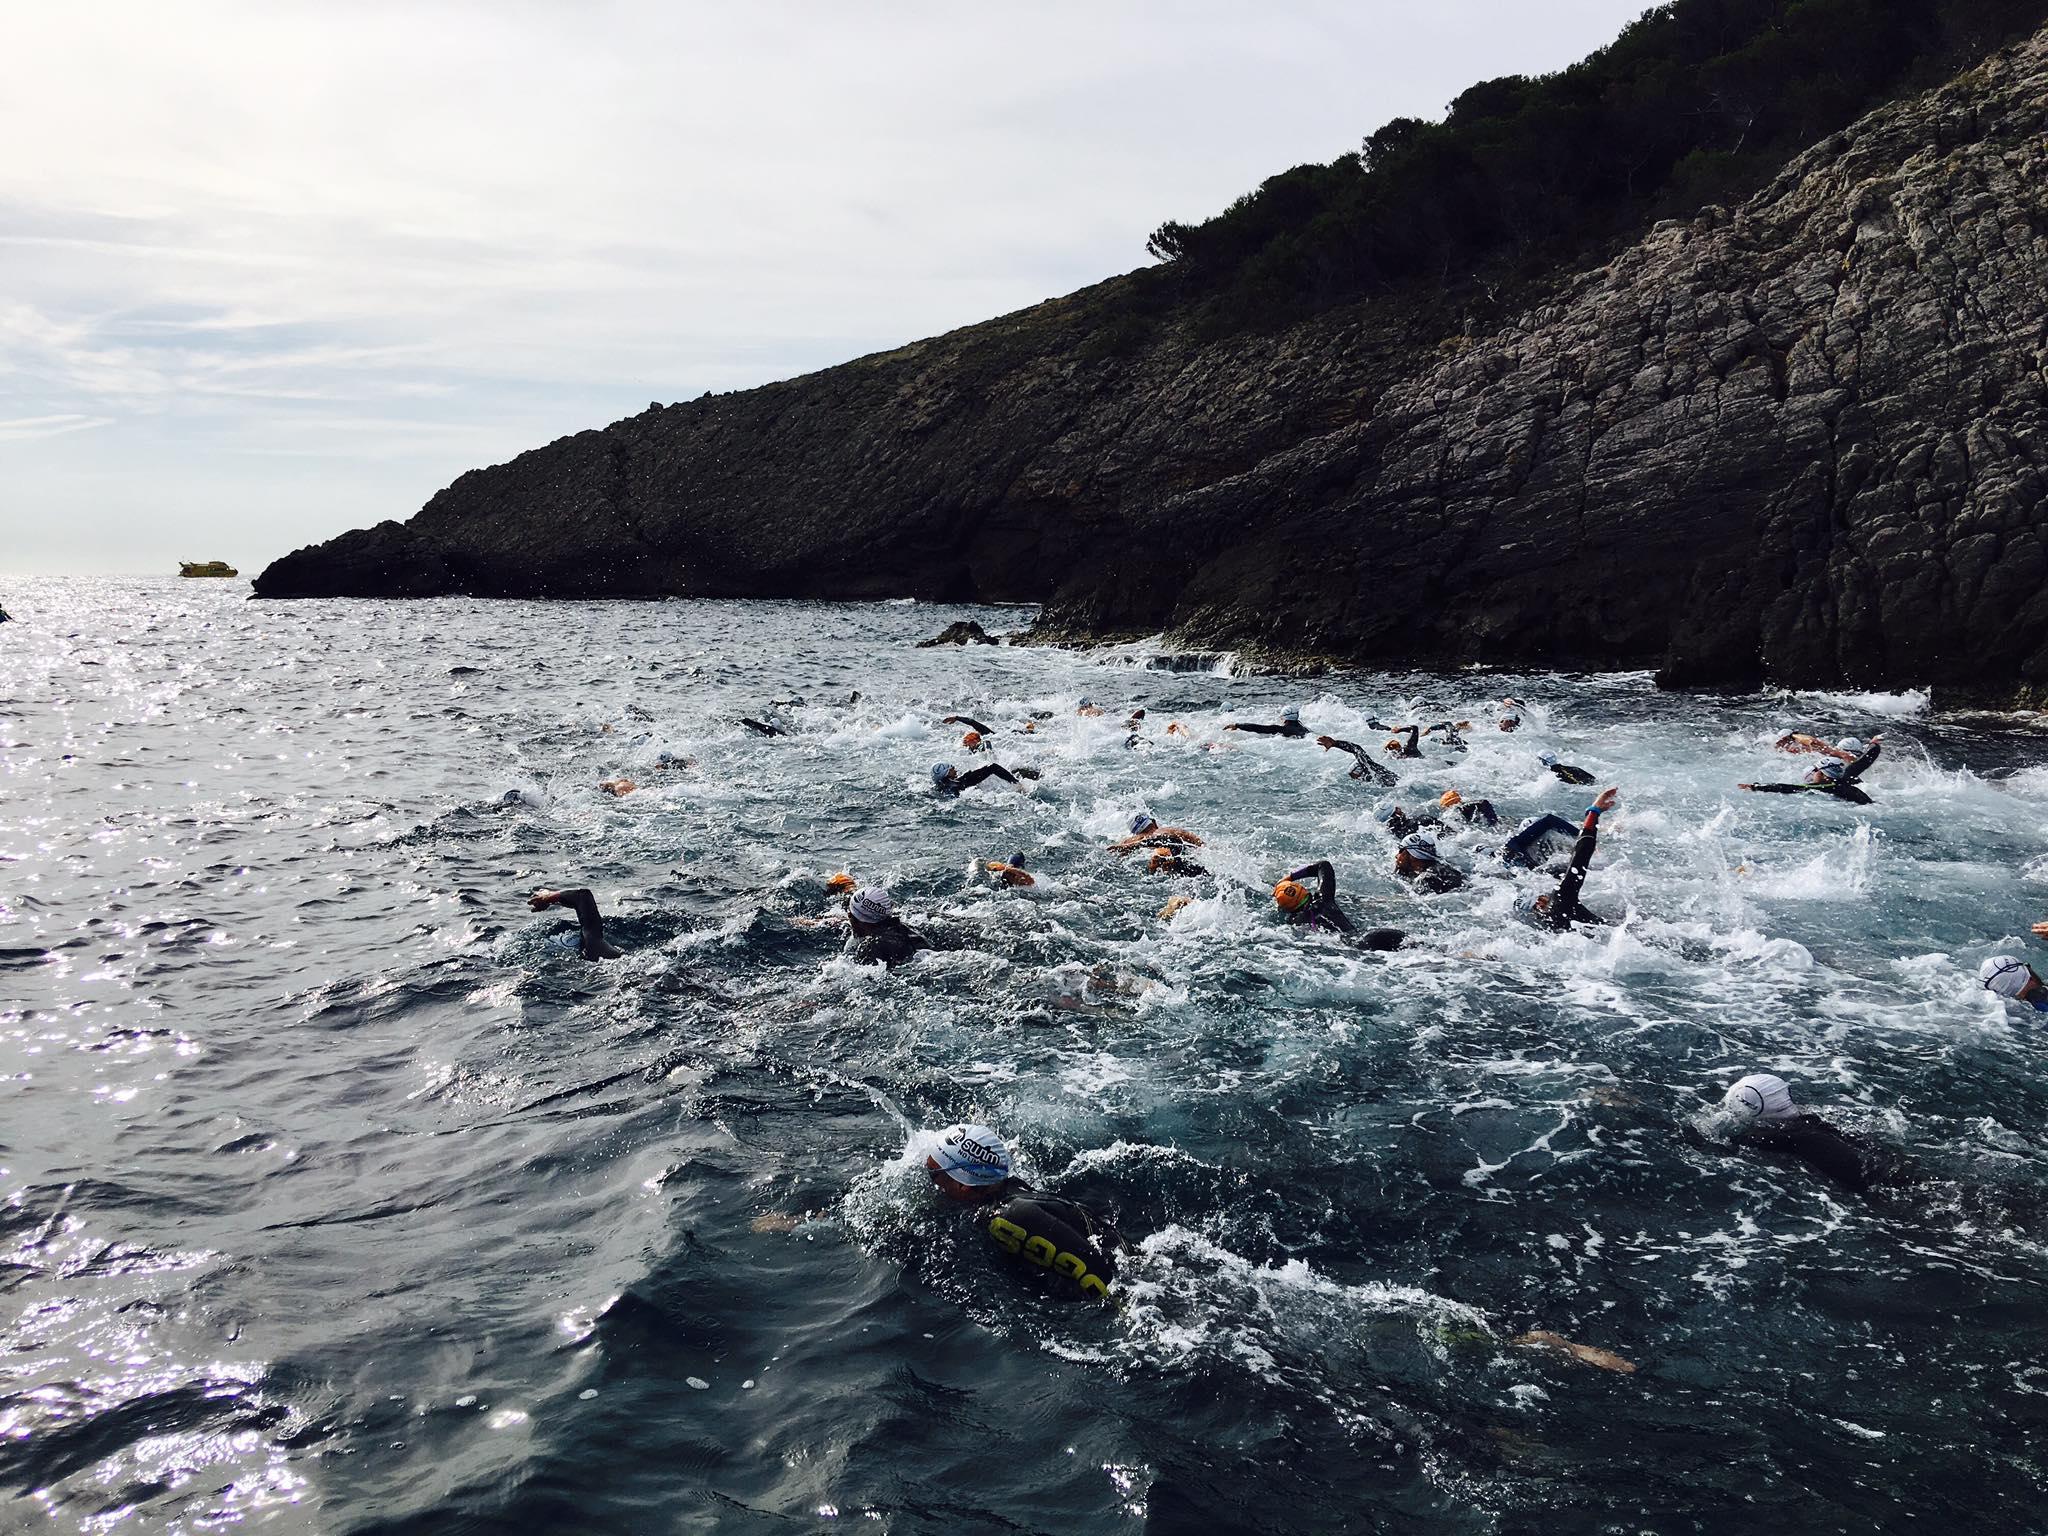 L'Escola Universitària de la Salut i l'Esport col·labora en una nova edició de la Swim Estartit